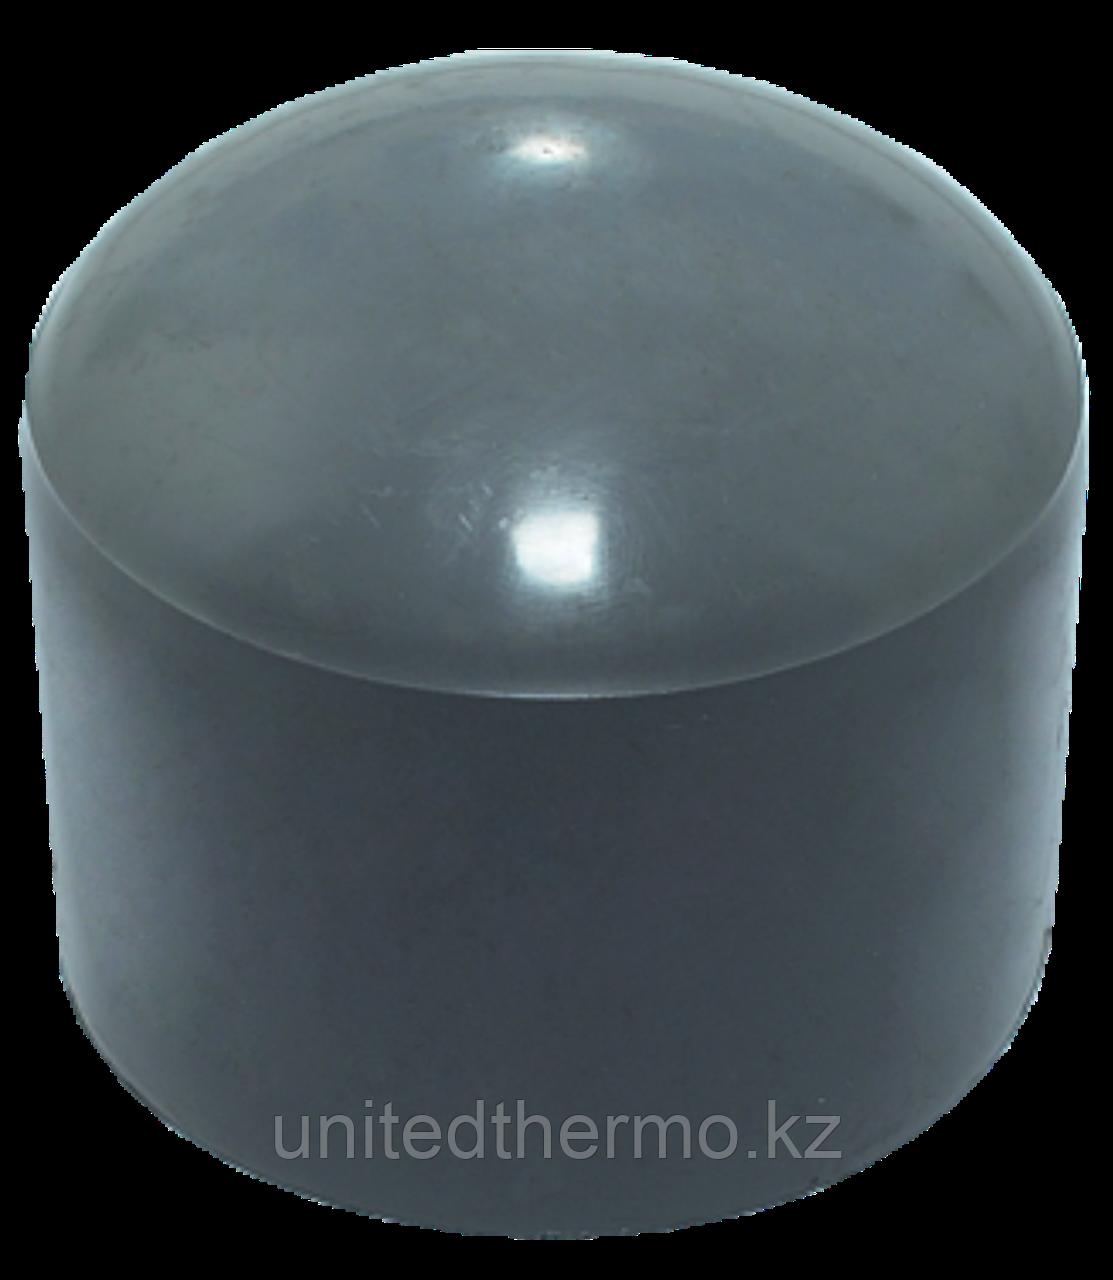 Зонт вентиляционный д110 (2.7мм)